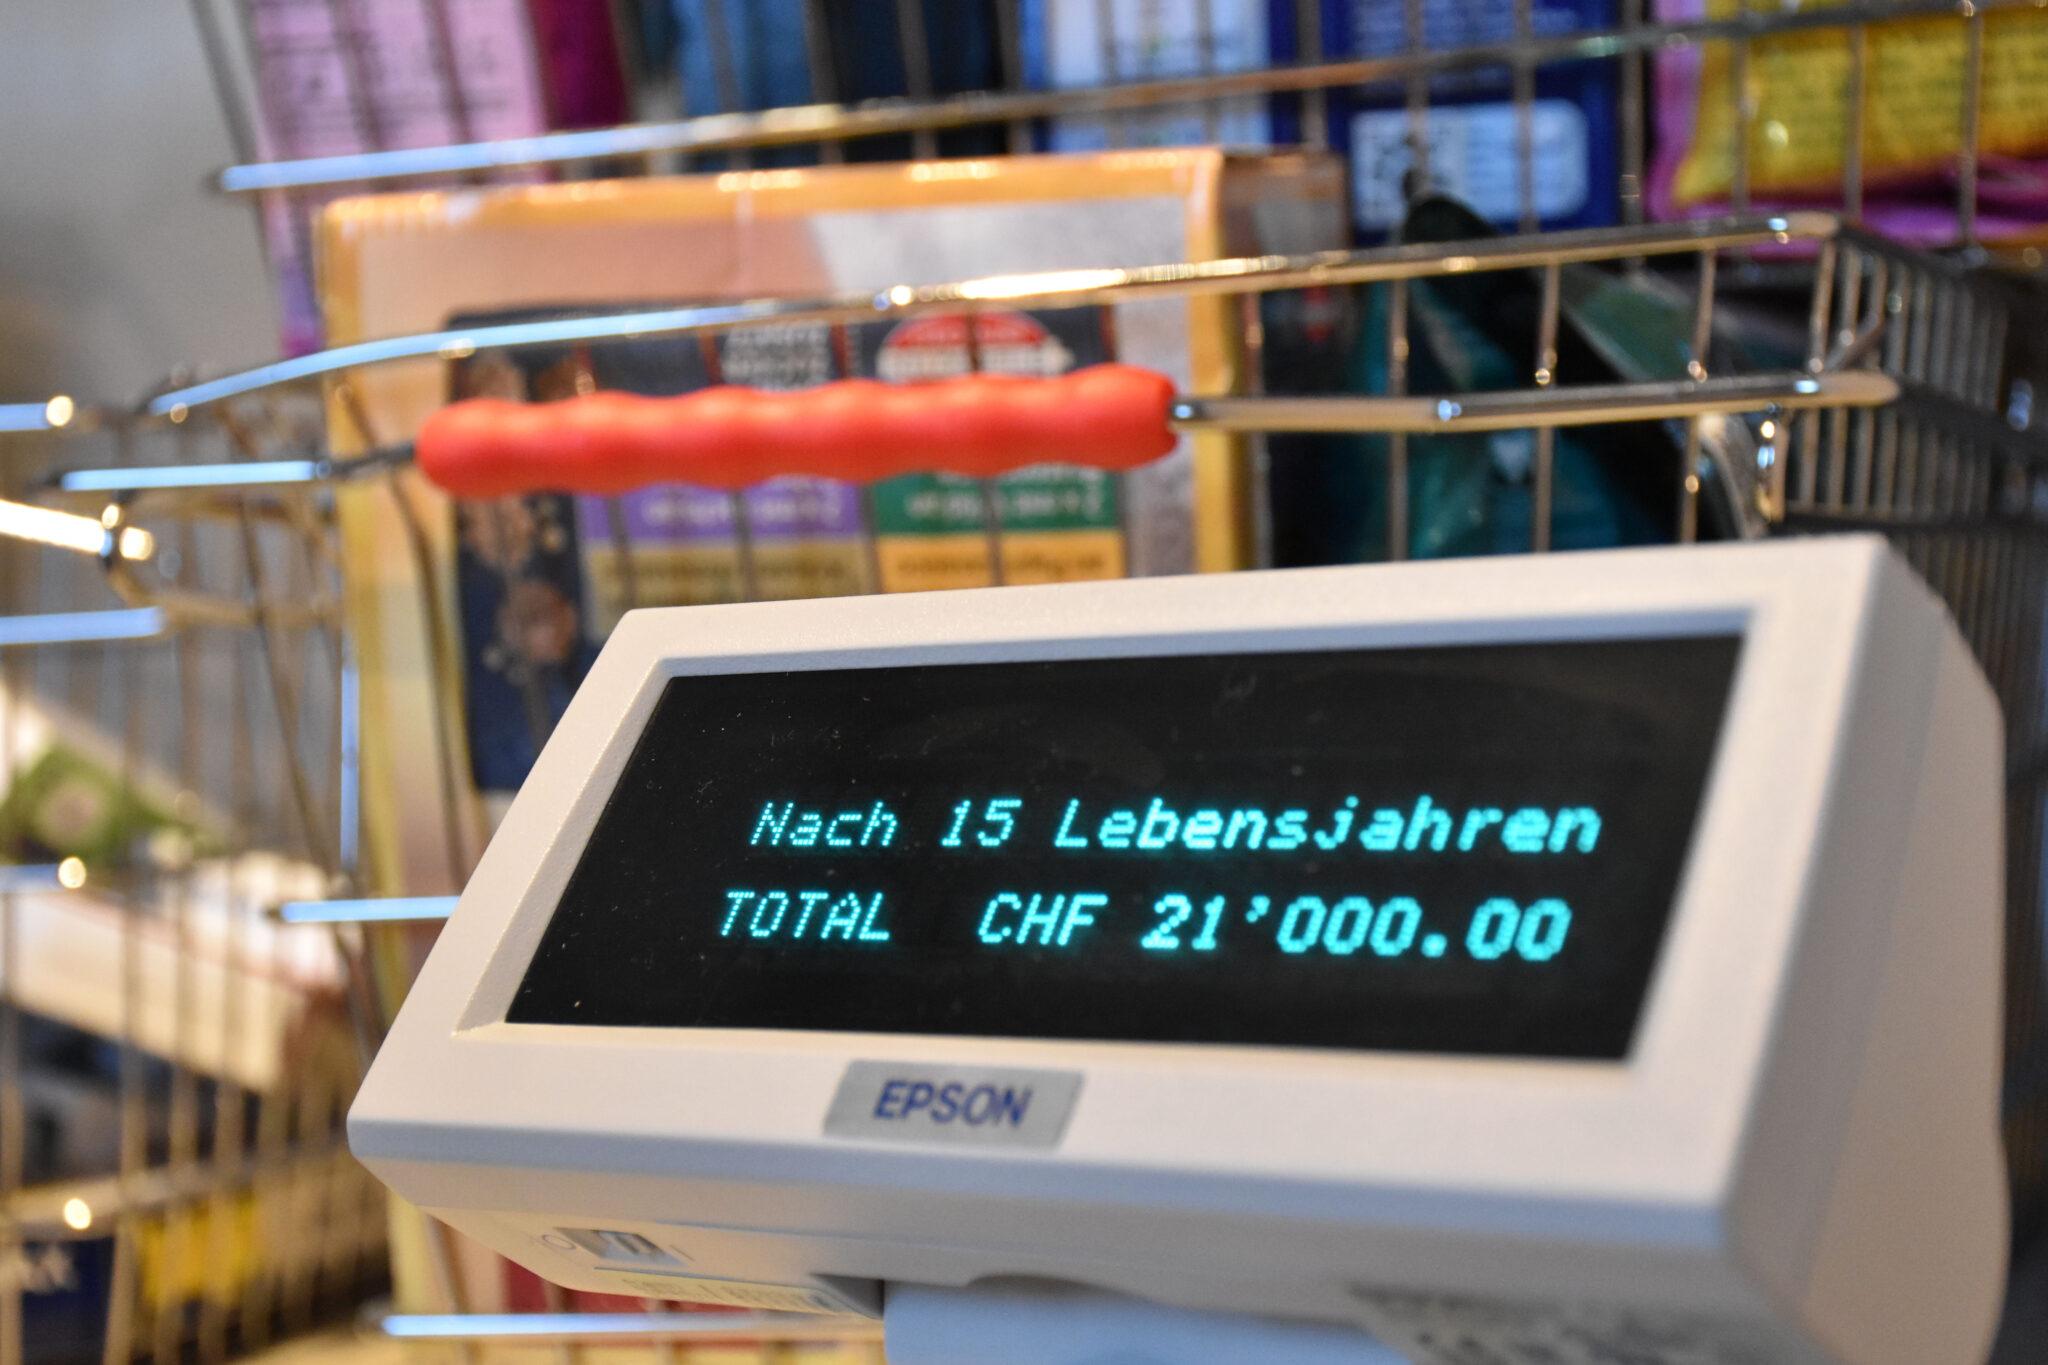 """Kasse im Supermarkt mit der Aufschrift """"Nach 15. Lebensjahren TOTAL CHF 21'000.00"""""""